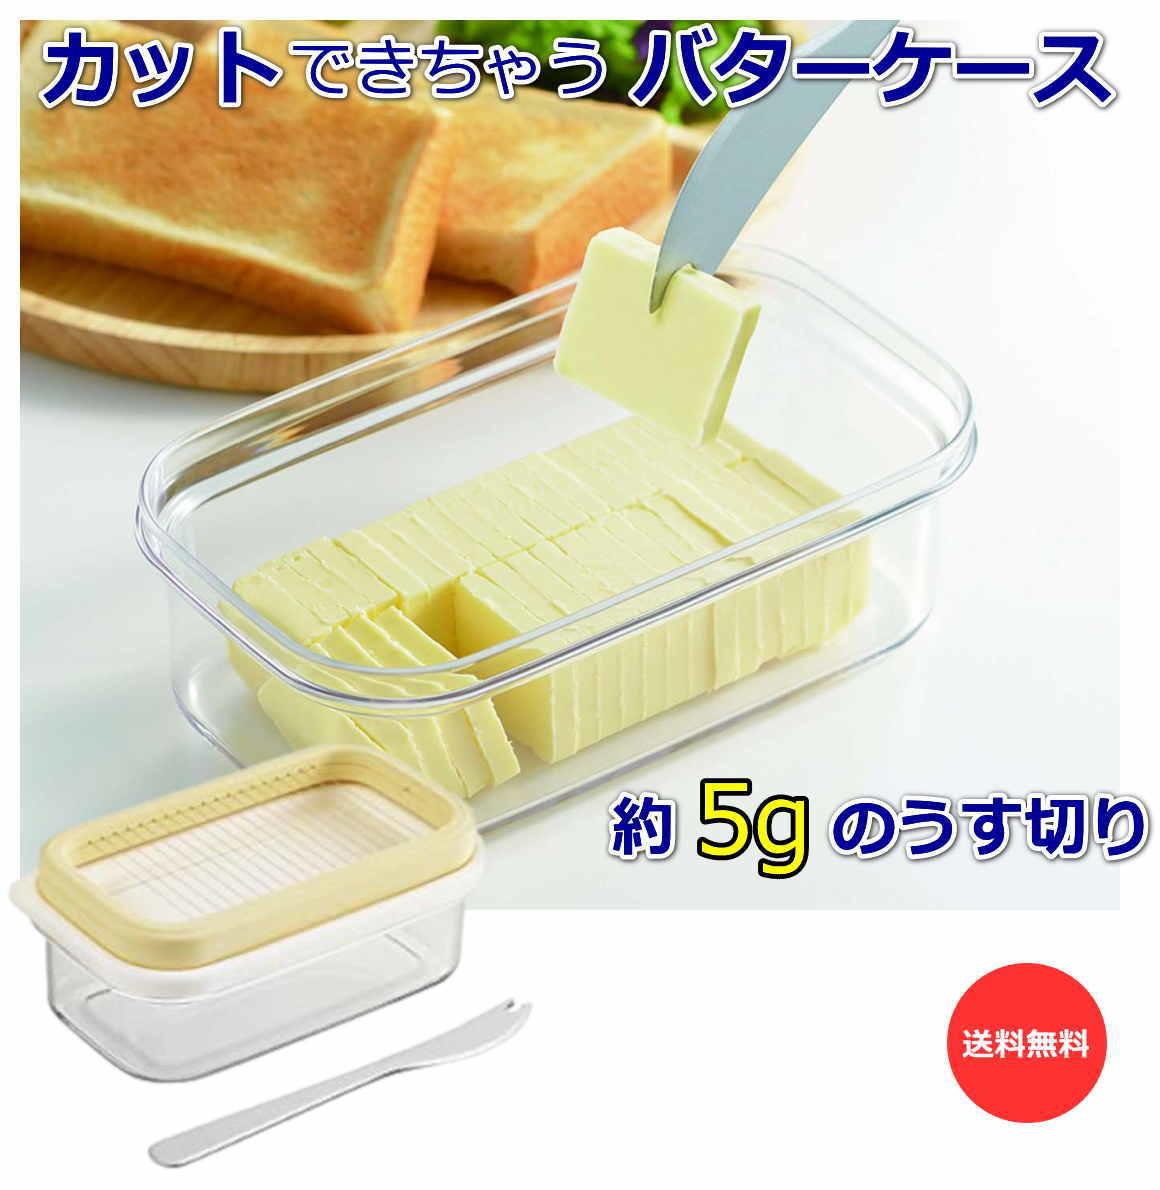 ギュッと一押しで バターを使いやすい約5gの薄切りに簡単カット 冷蔵庫にそのまま保存できる ホームベーカリーや料理 おかし作りに 計量しやすく便利 カットできちゃう バターケース ST-3007 曙産業 ギュッと一押しでバターを約5gの薄切りにカット 専用バターナイフ付 送料無料 日本製 引出物 あす楽 密閉 バターを切り分けそのまま保存 注目ブランド